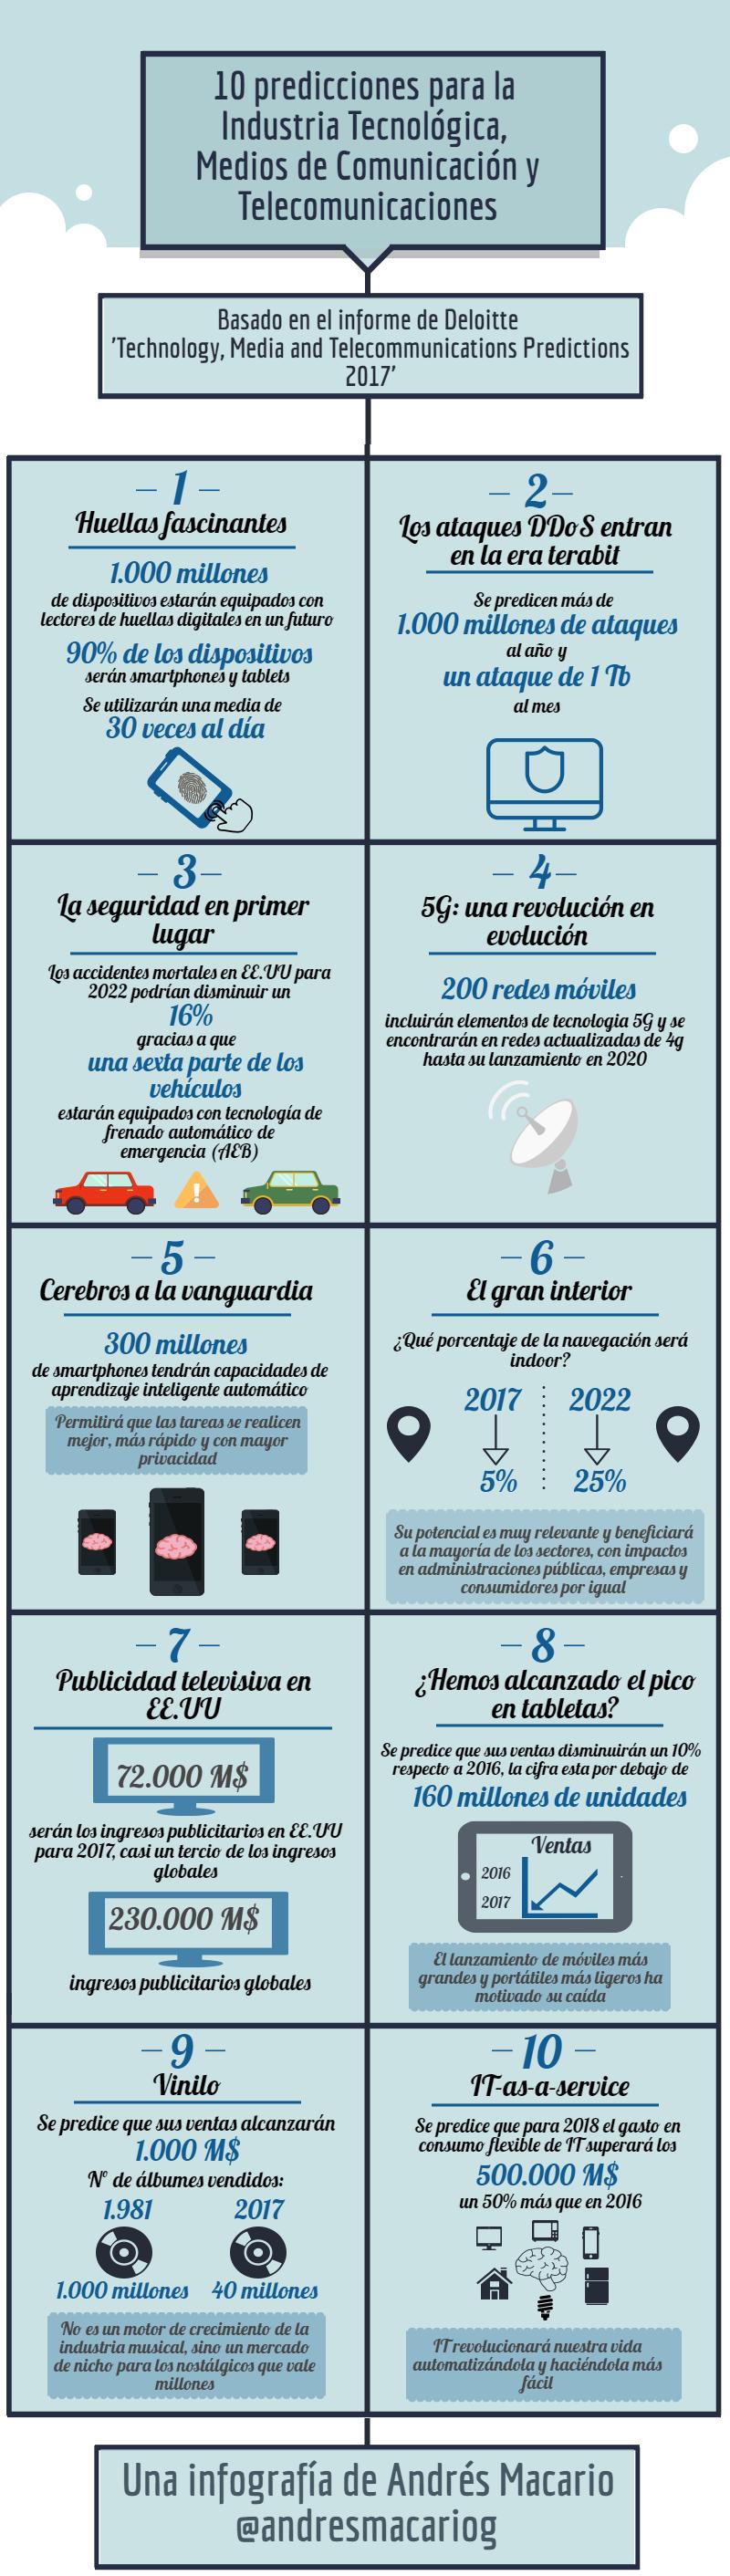 10 predicciones para la Industria Tecnológica, Medios de Comunicación y Telecomunicaciones - Infografía Andrés Macario